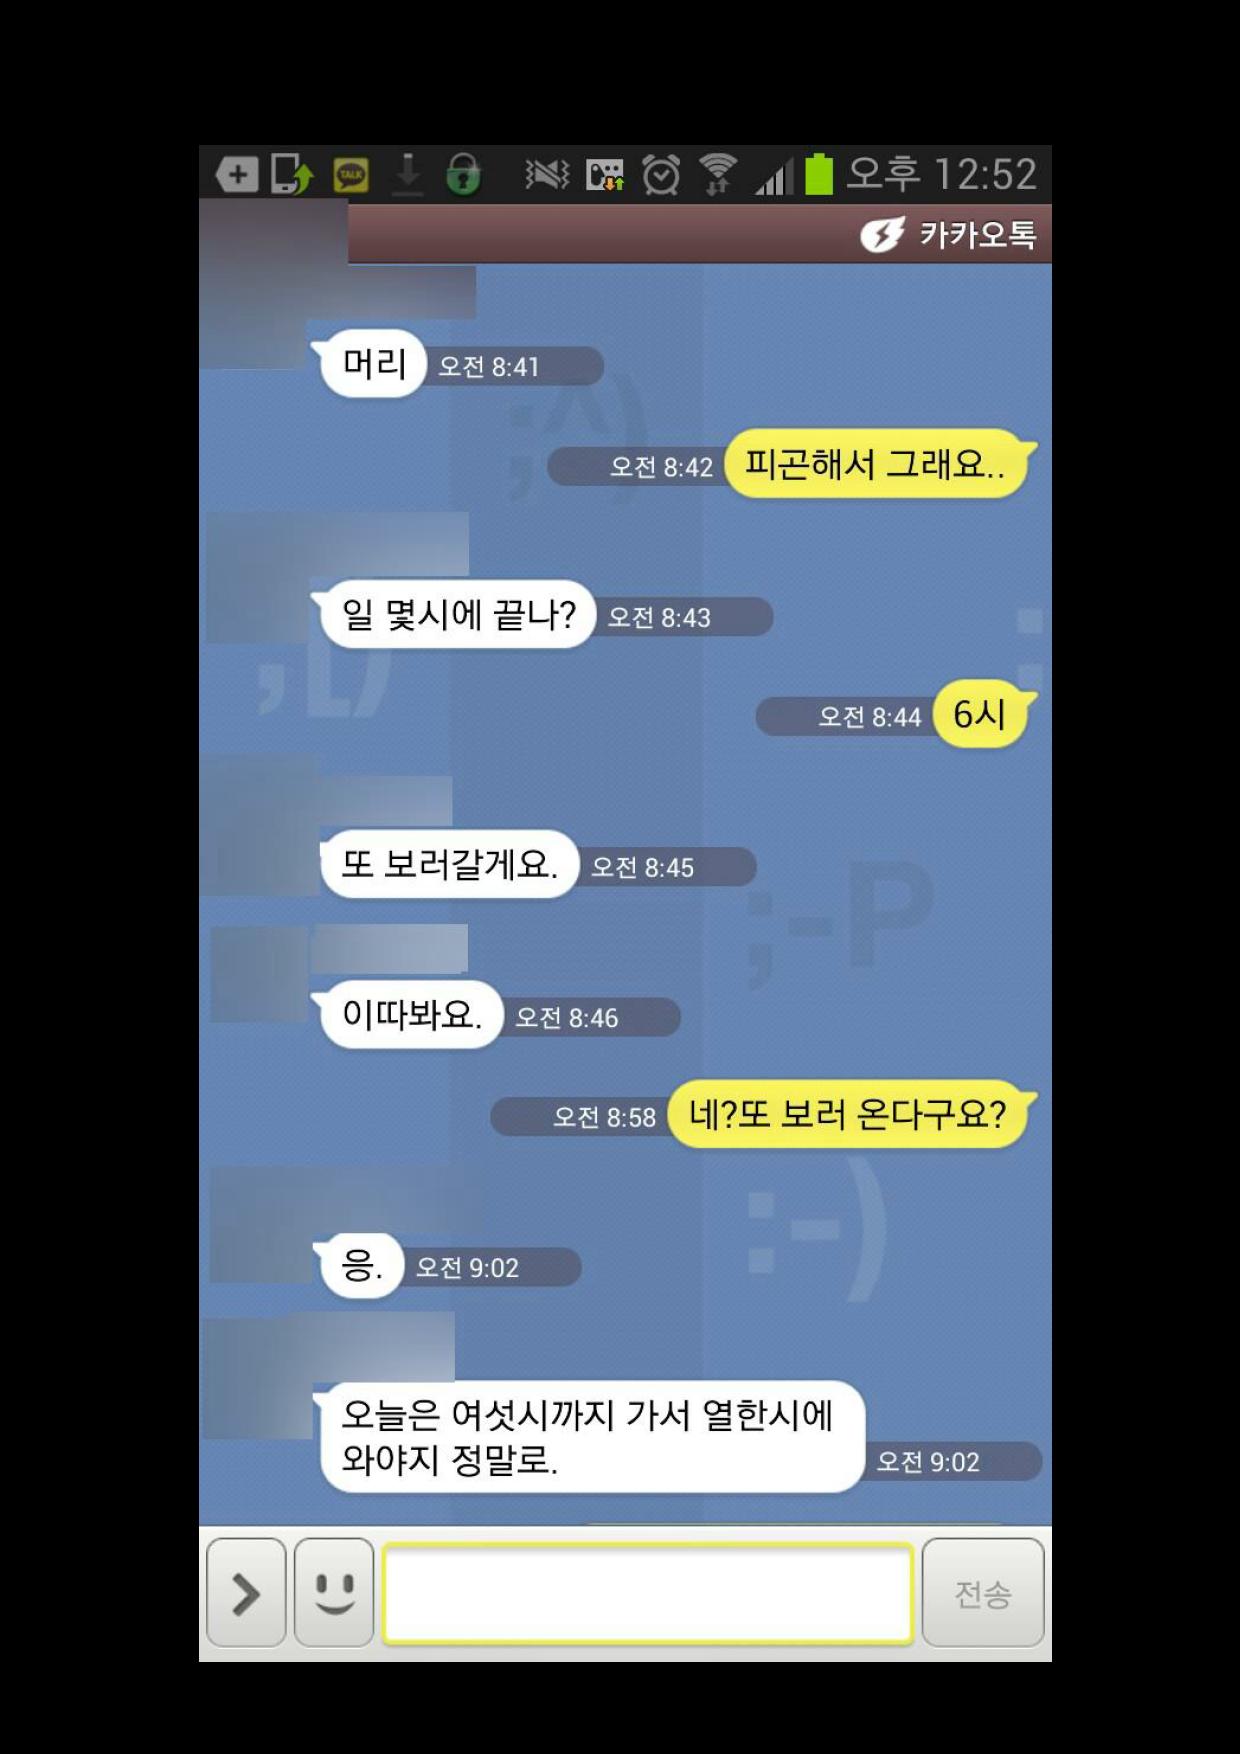 본 머티리어 1회차 홍보글 v3(수강후기 따로 편집요함)_20.png